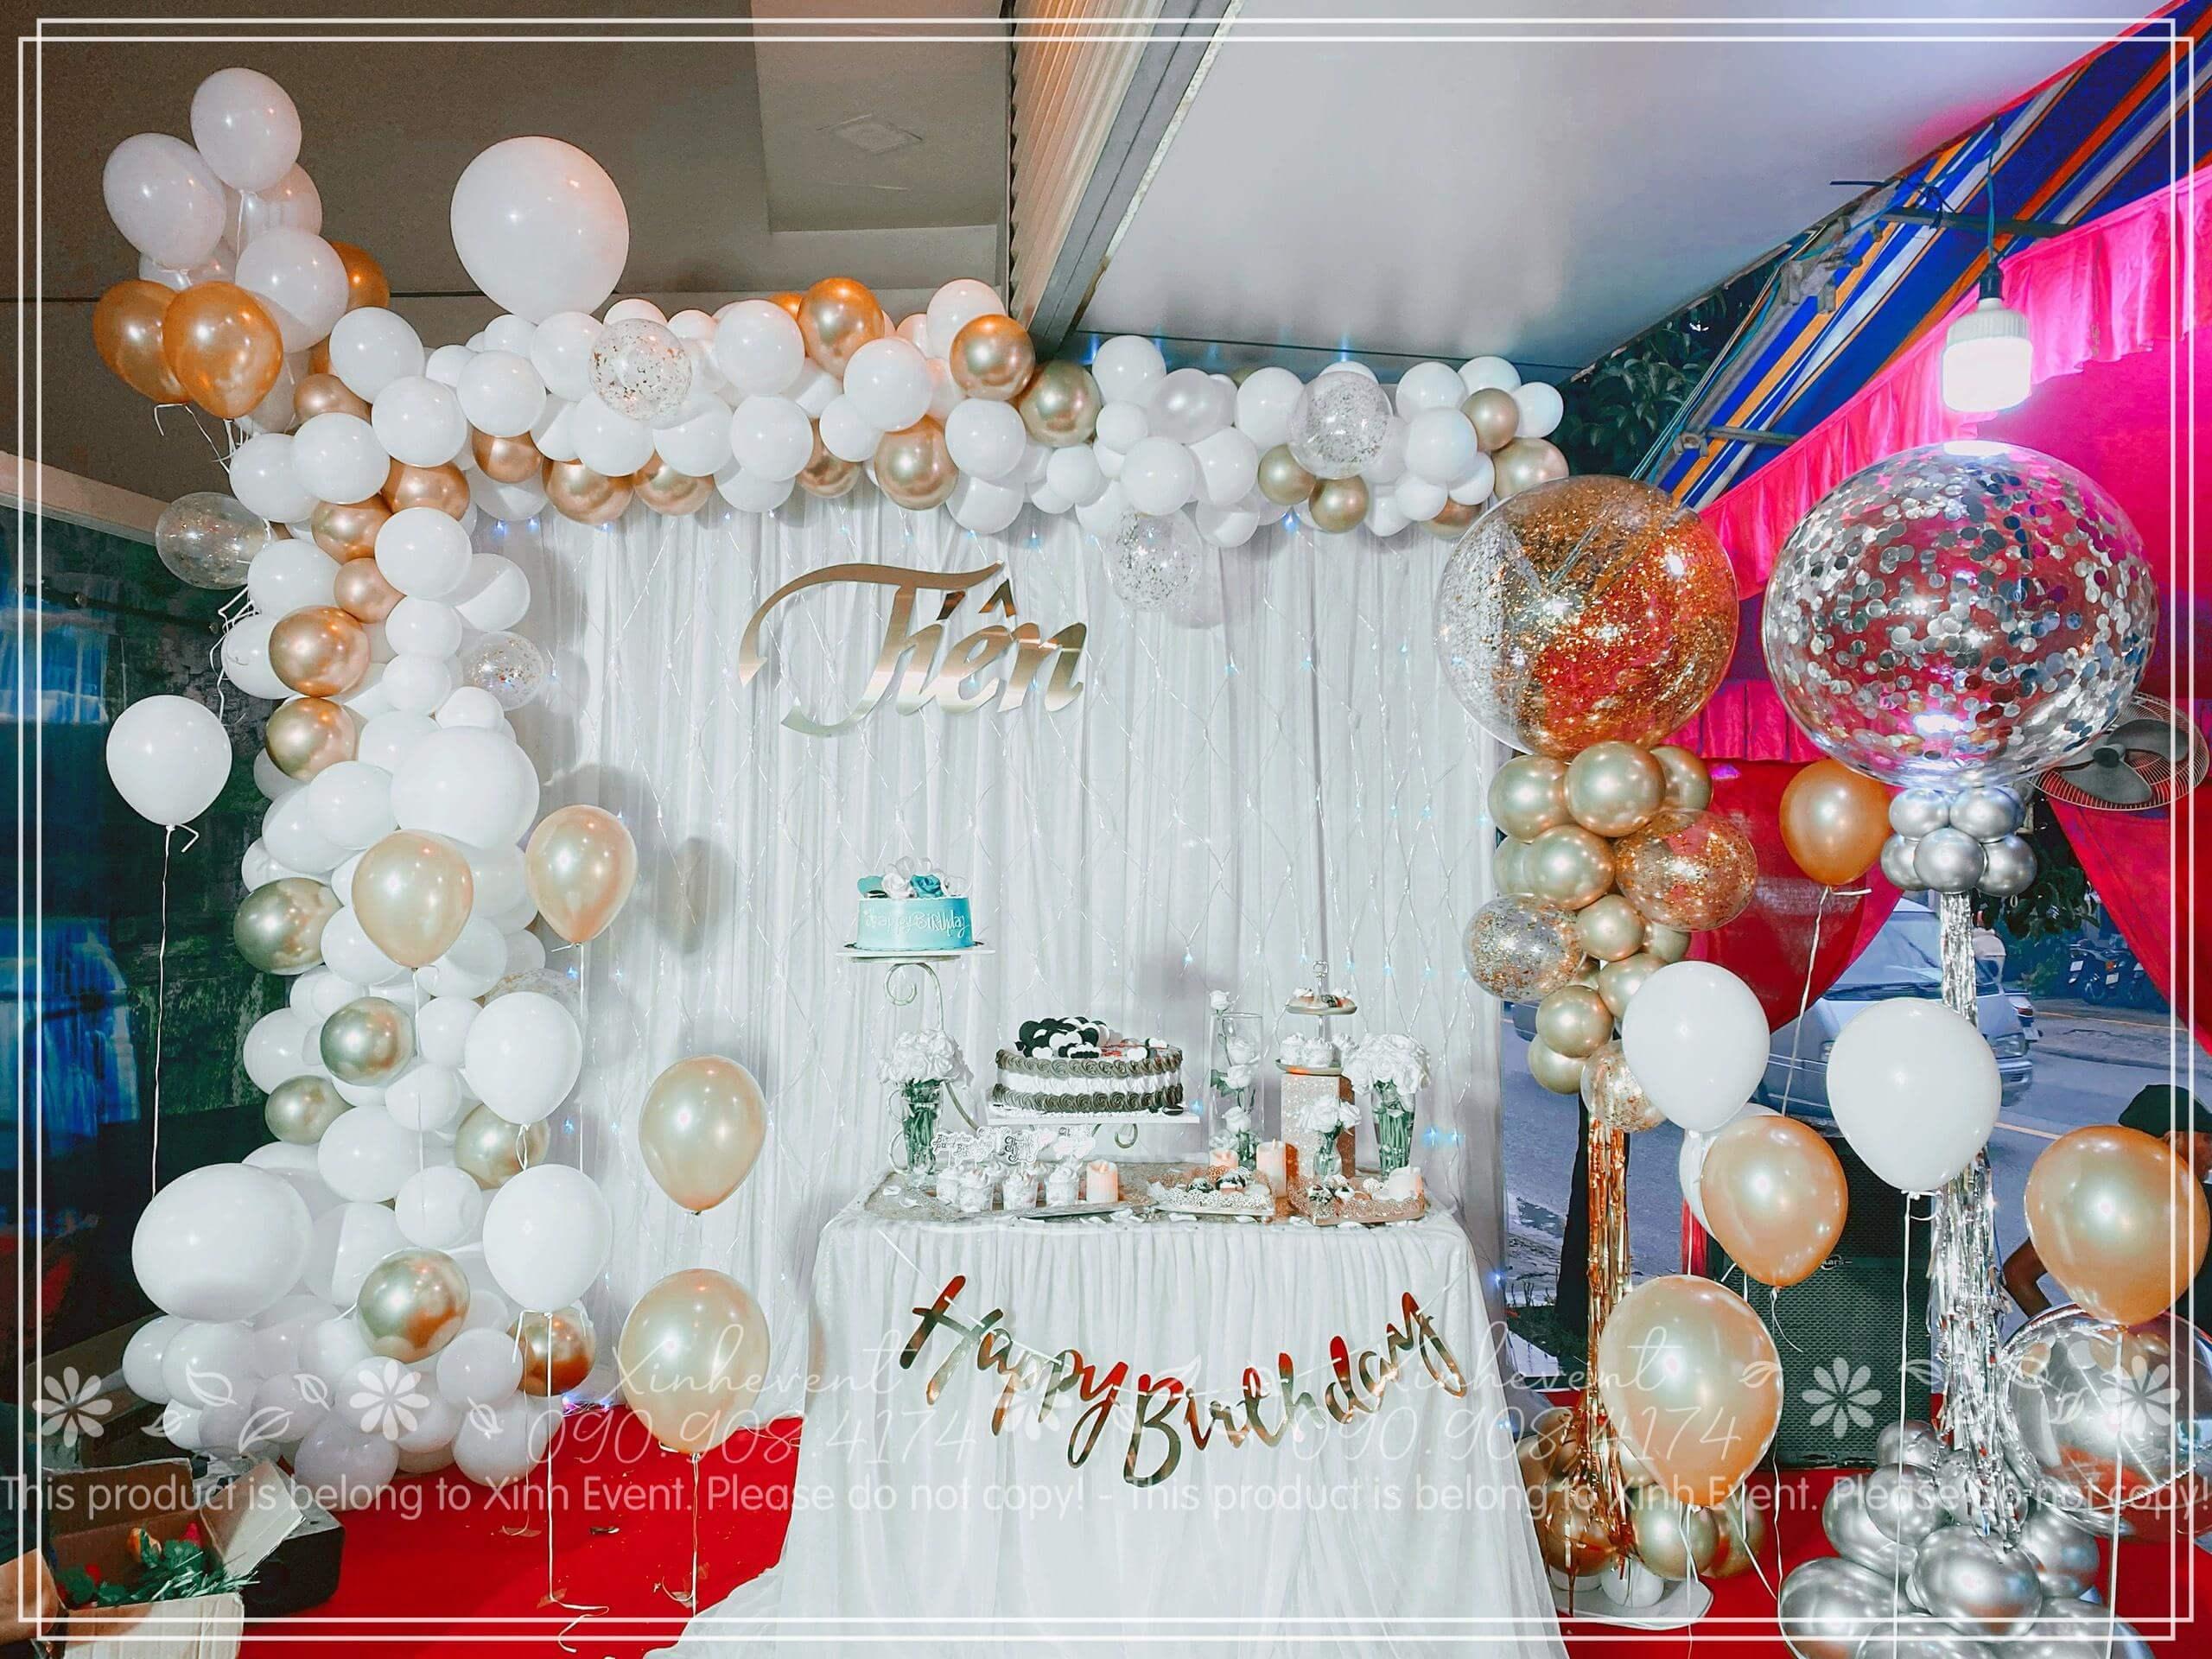 Hình ảnh xinh đẹp của sản phẩm trang trí sinh nhật Tiên